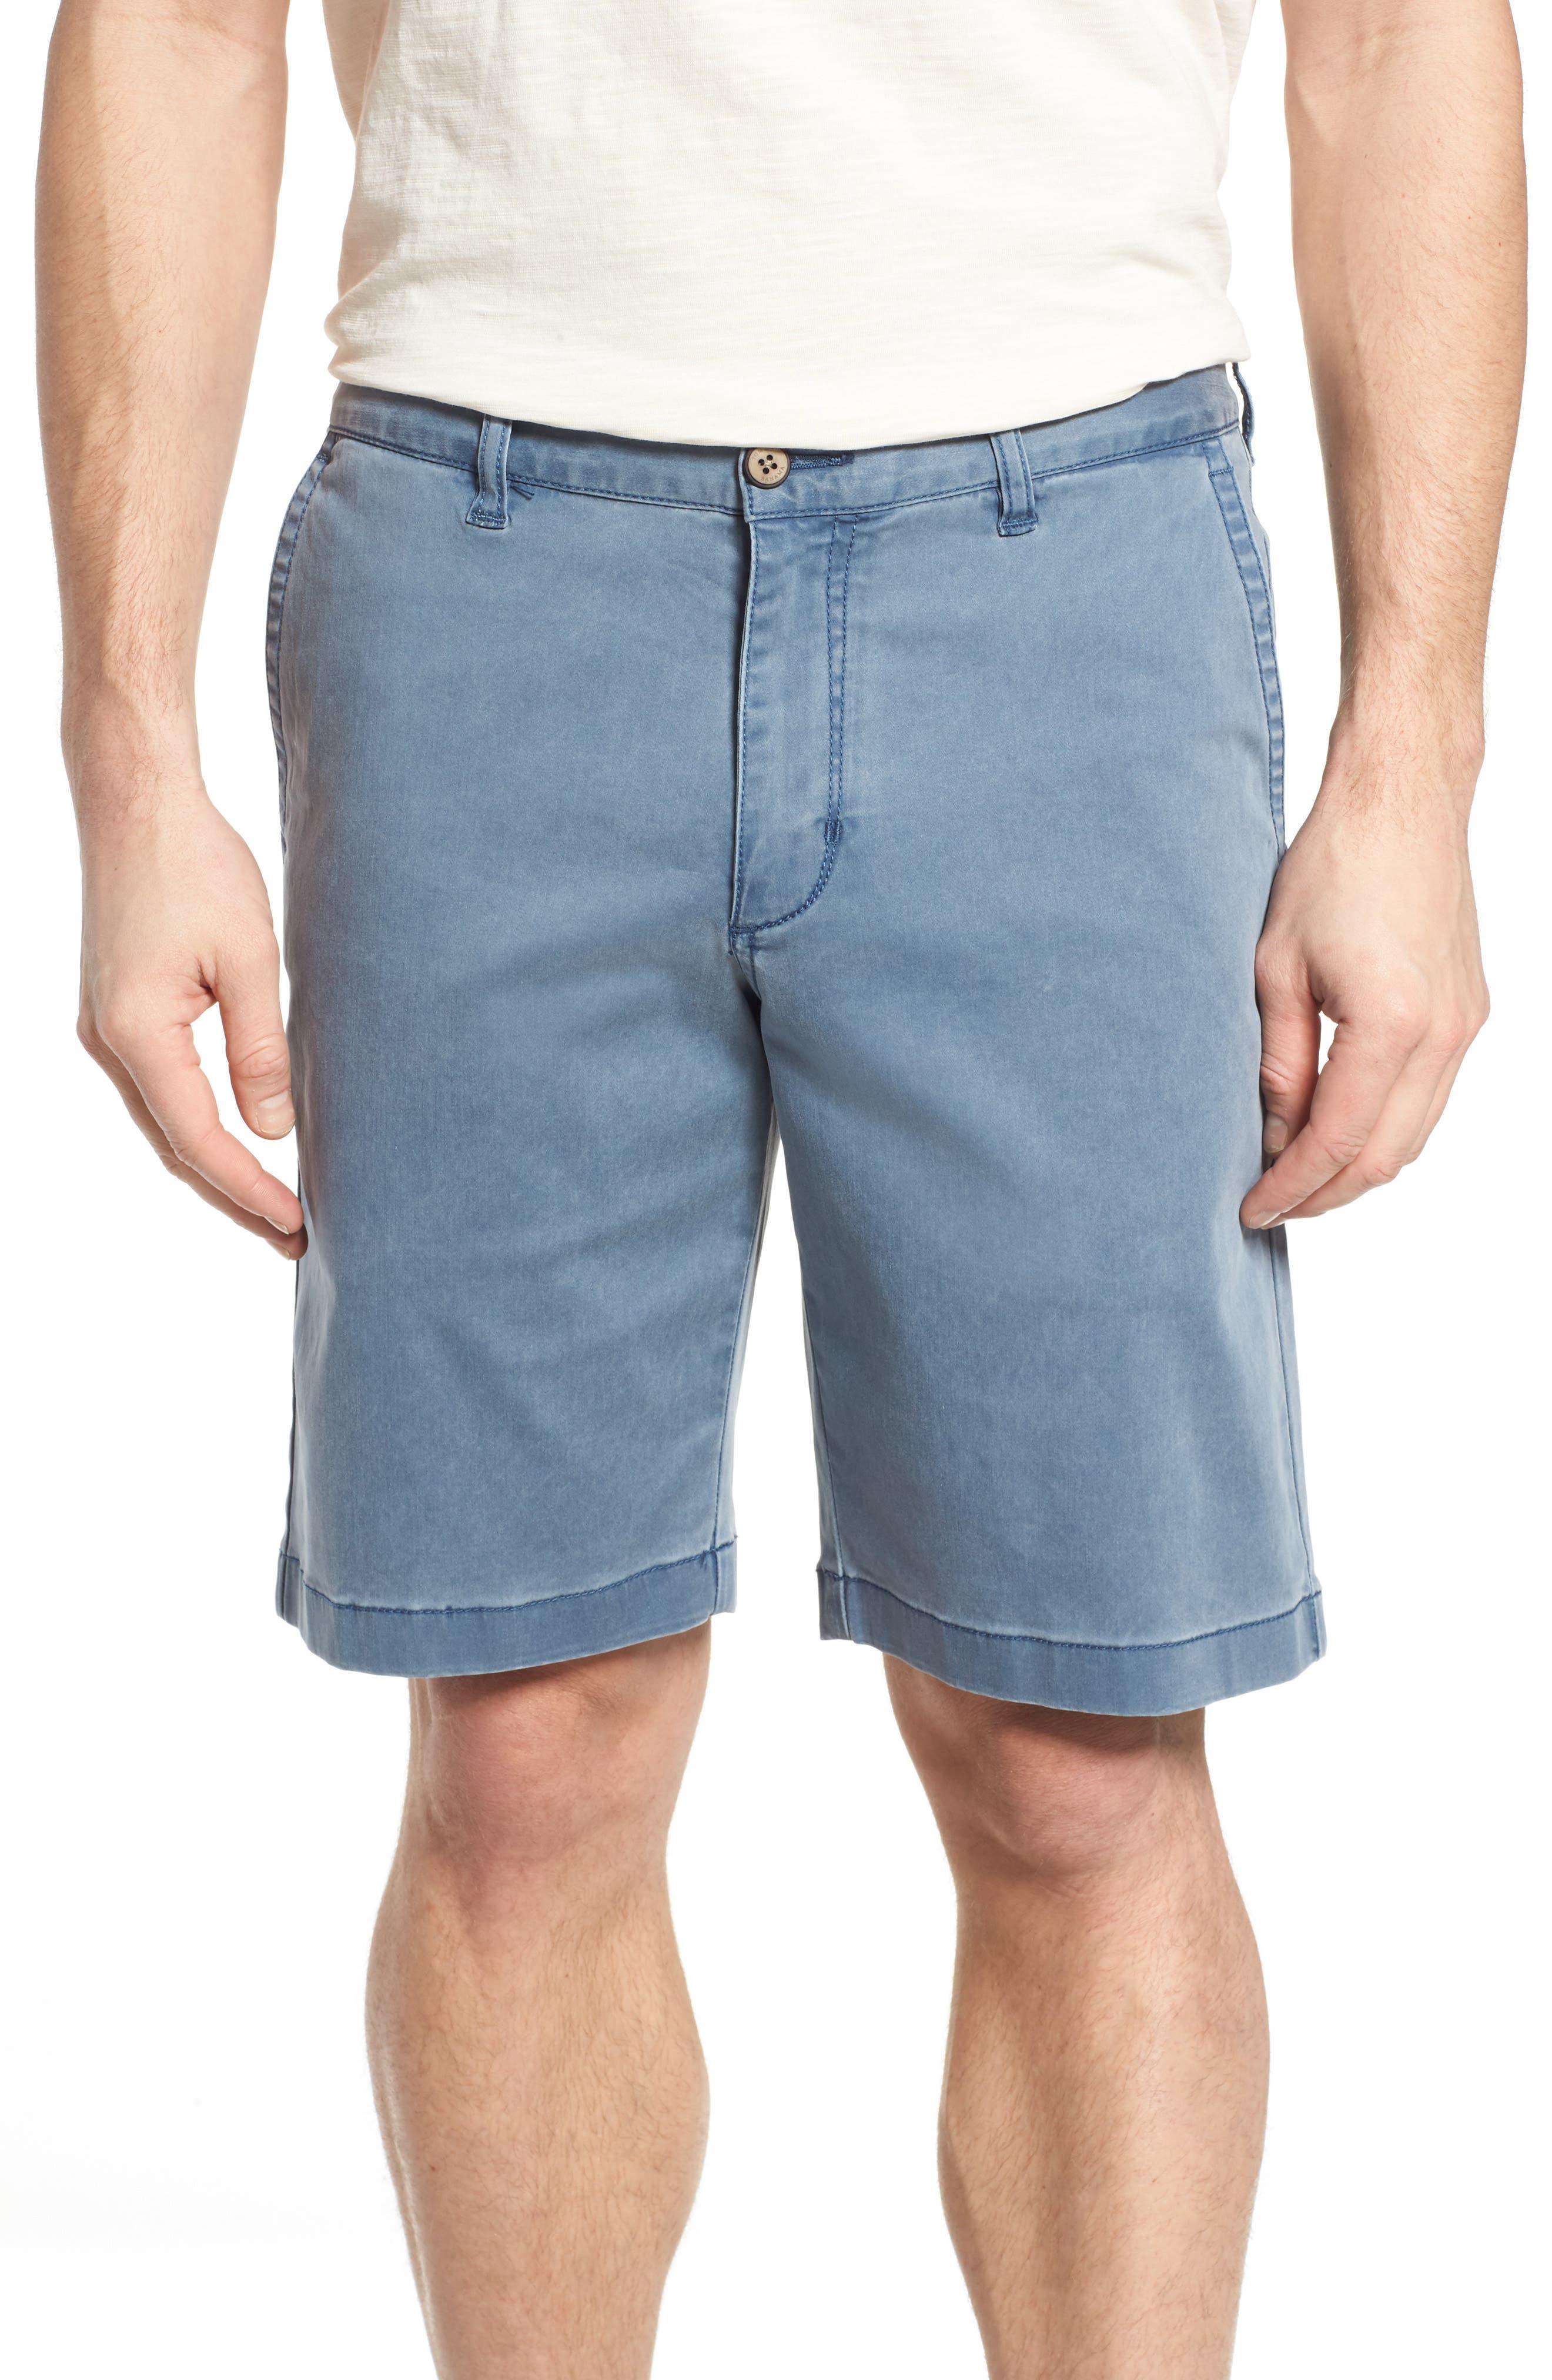 Alternate Image 1 Selected - Tommy Bahama Boracay Shorts